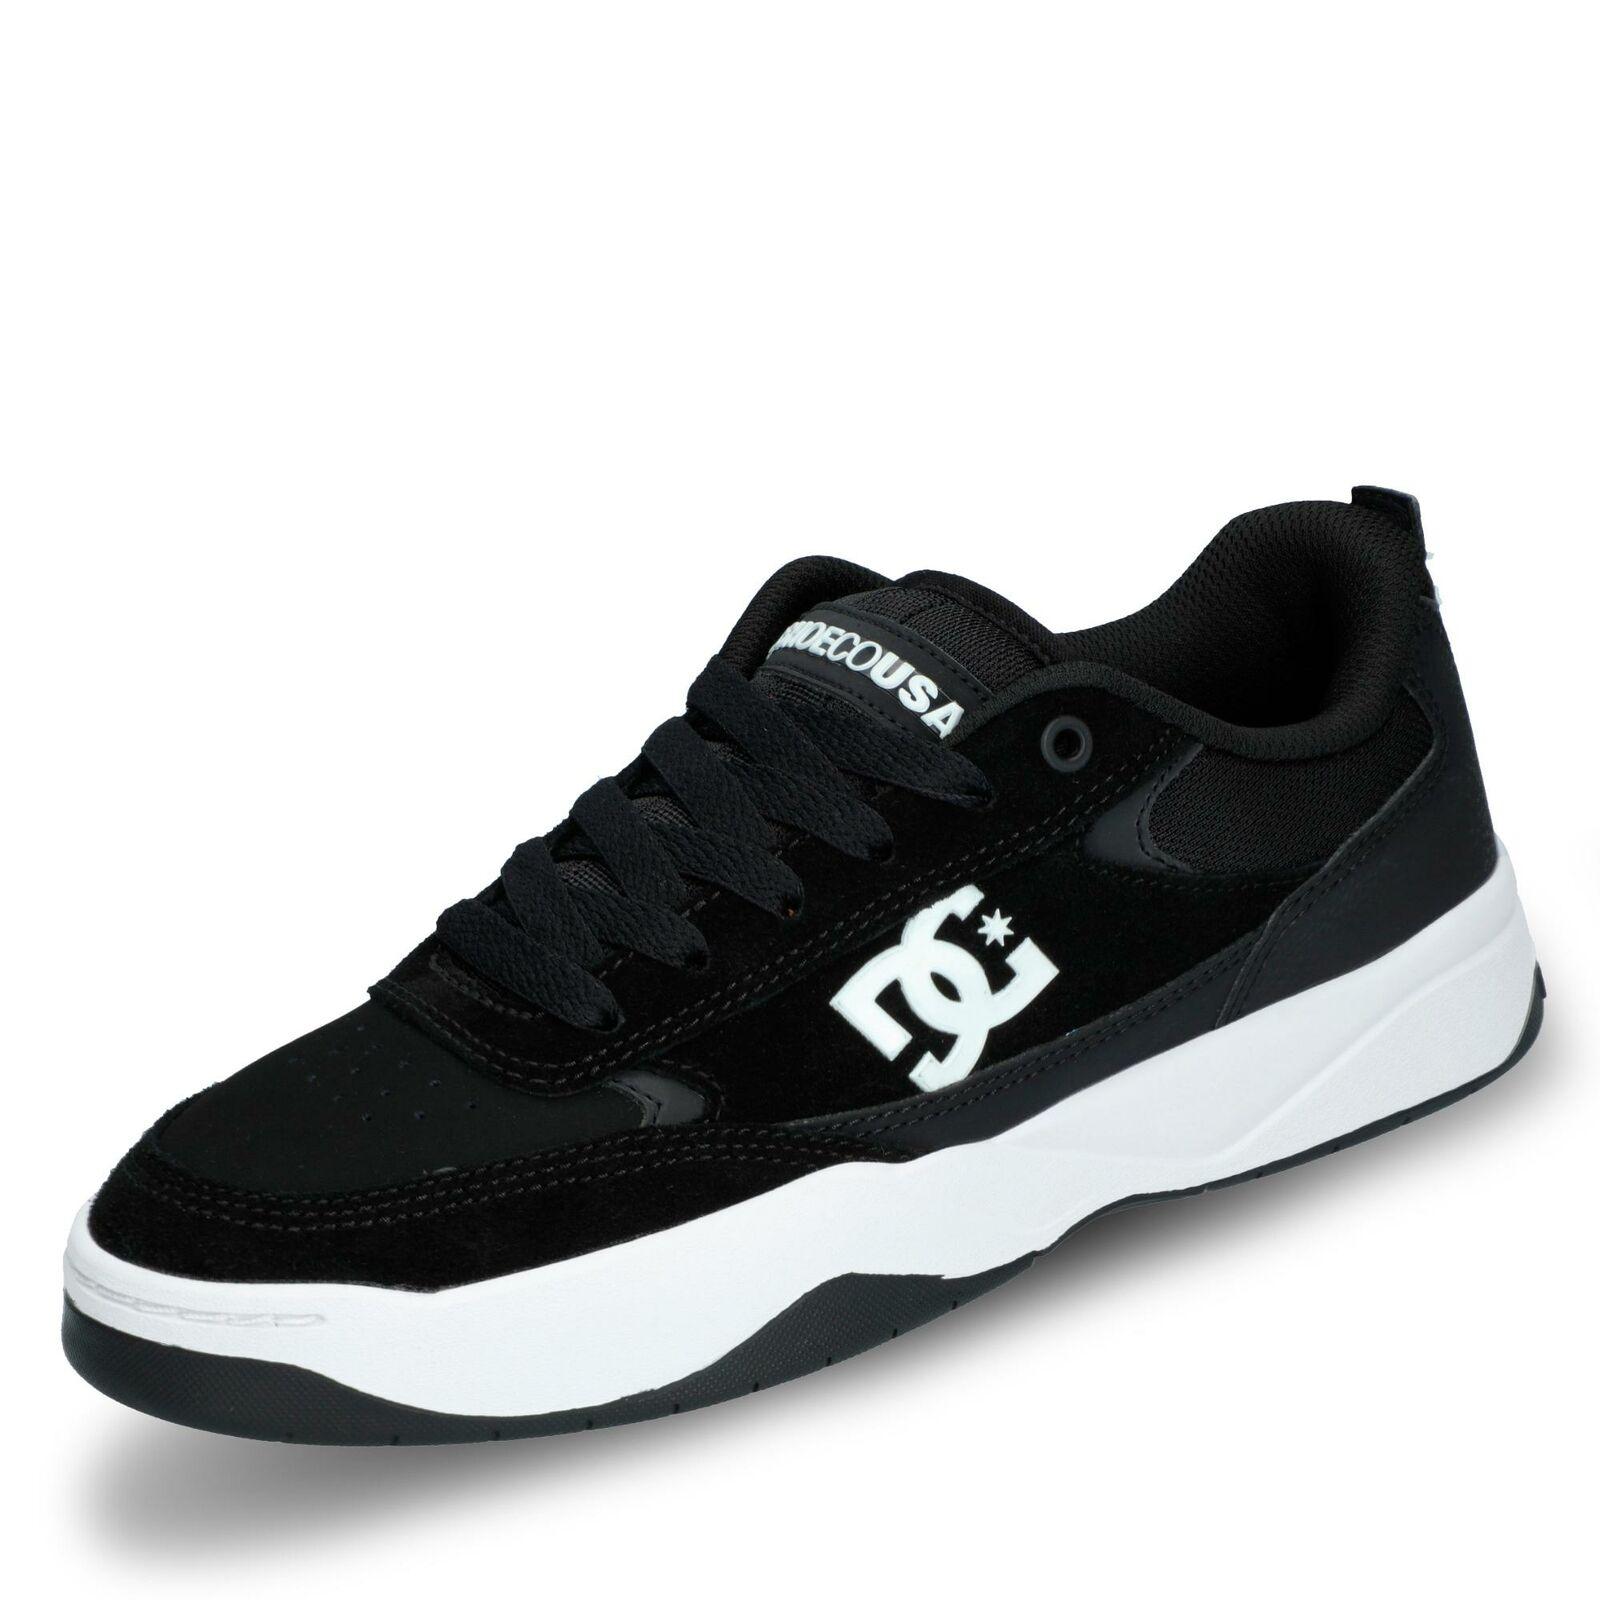 DC Penza Herren Turnschuhe Halbschuhe Schnürschuhe Freizeitschuhe Schuhe schwarz